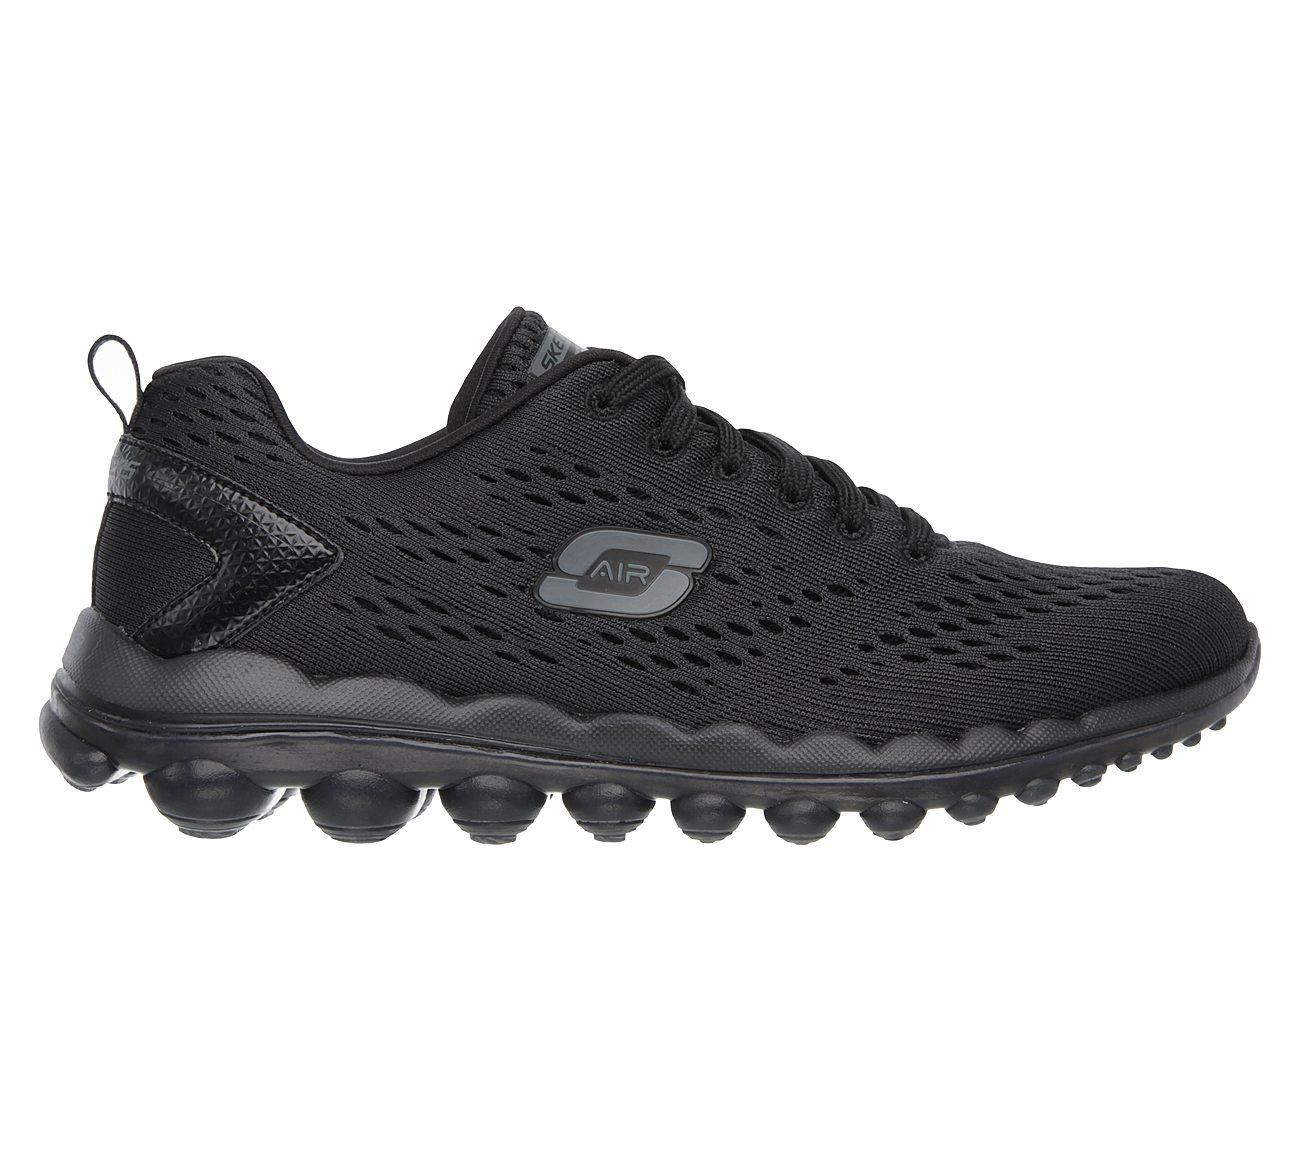 Buy SKECHERS Skech-Air 2.0 Skech-Air Shoes